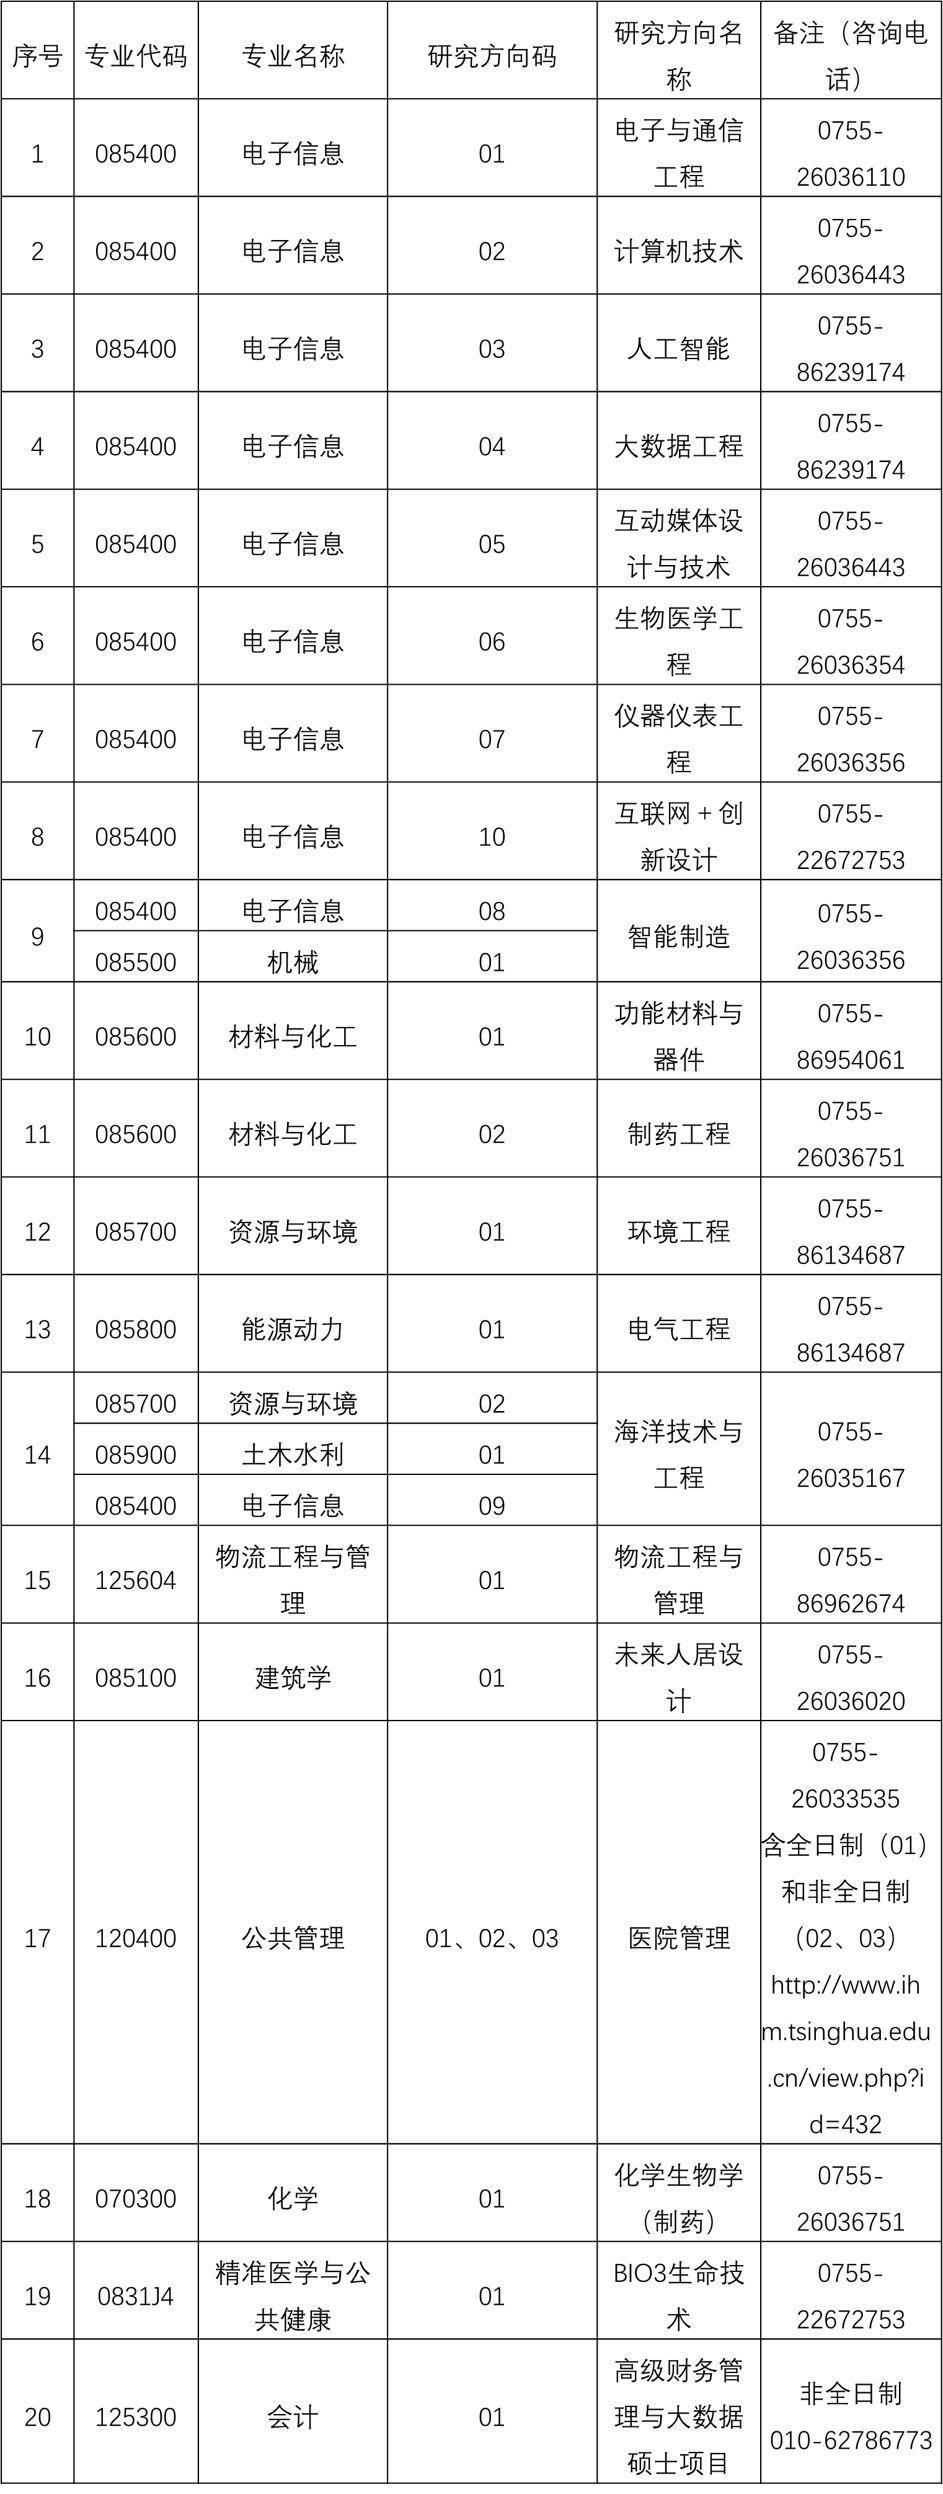 清华大学深圳国际研究生院2020年硕士研究生普通招考(统考)招生说明